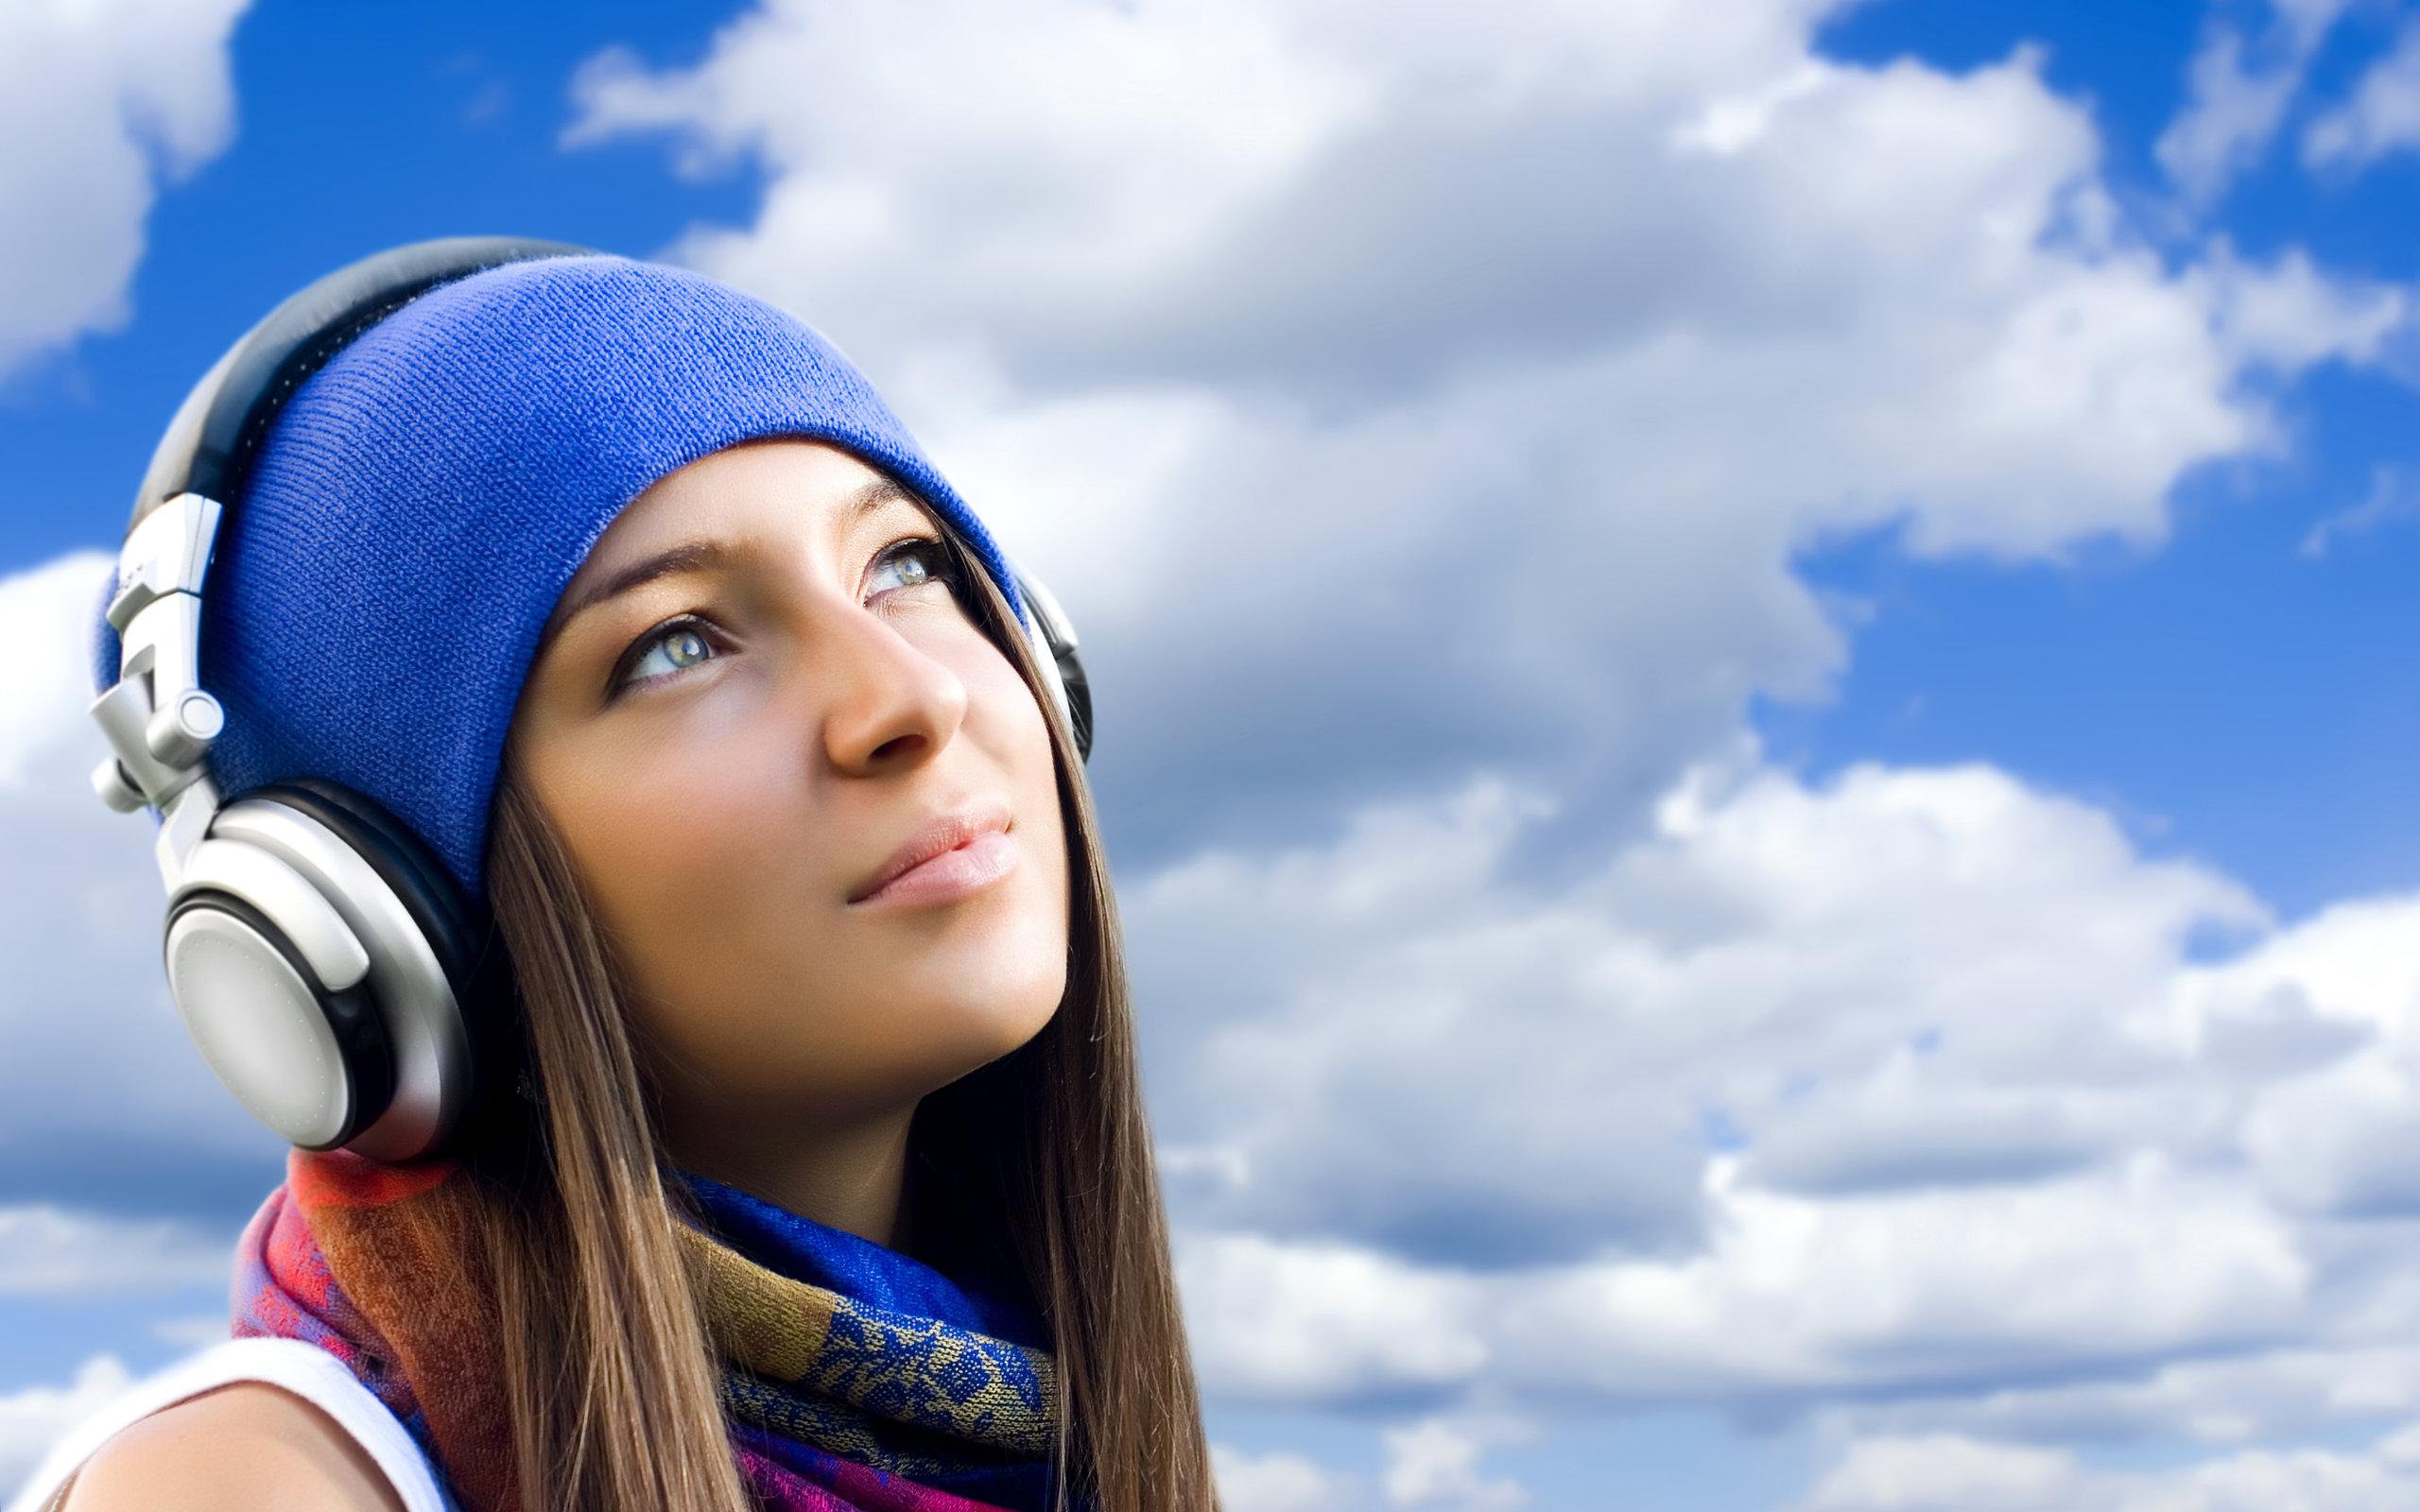 Jakiej muzyki słuchamy? Kiedy jej słuchamy? Poznaj 5 zaskakujących faktów Play Girls Beautyful Girls Listening to music 022763